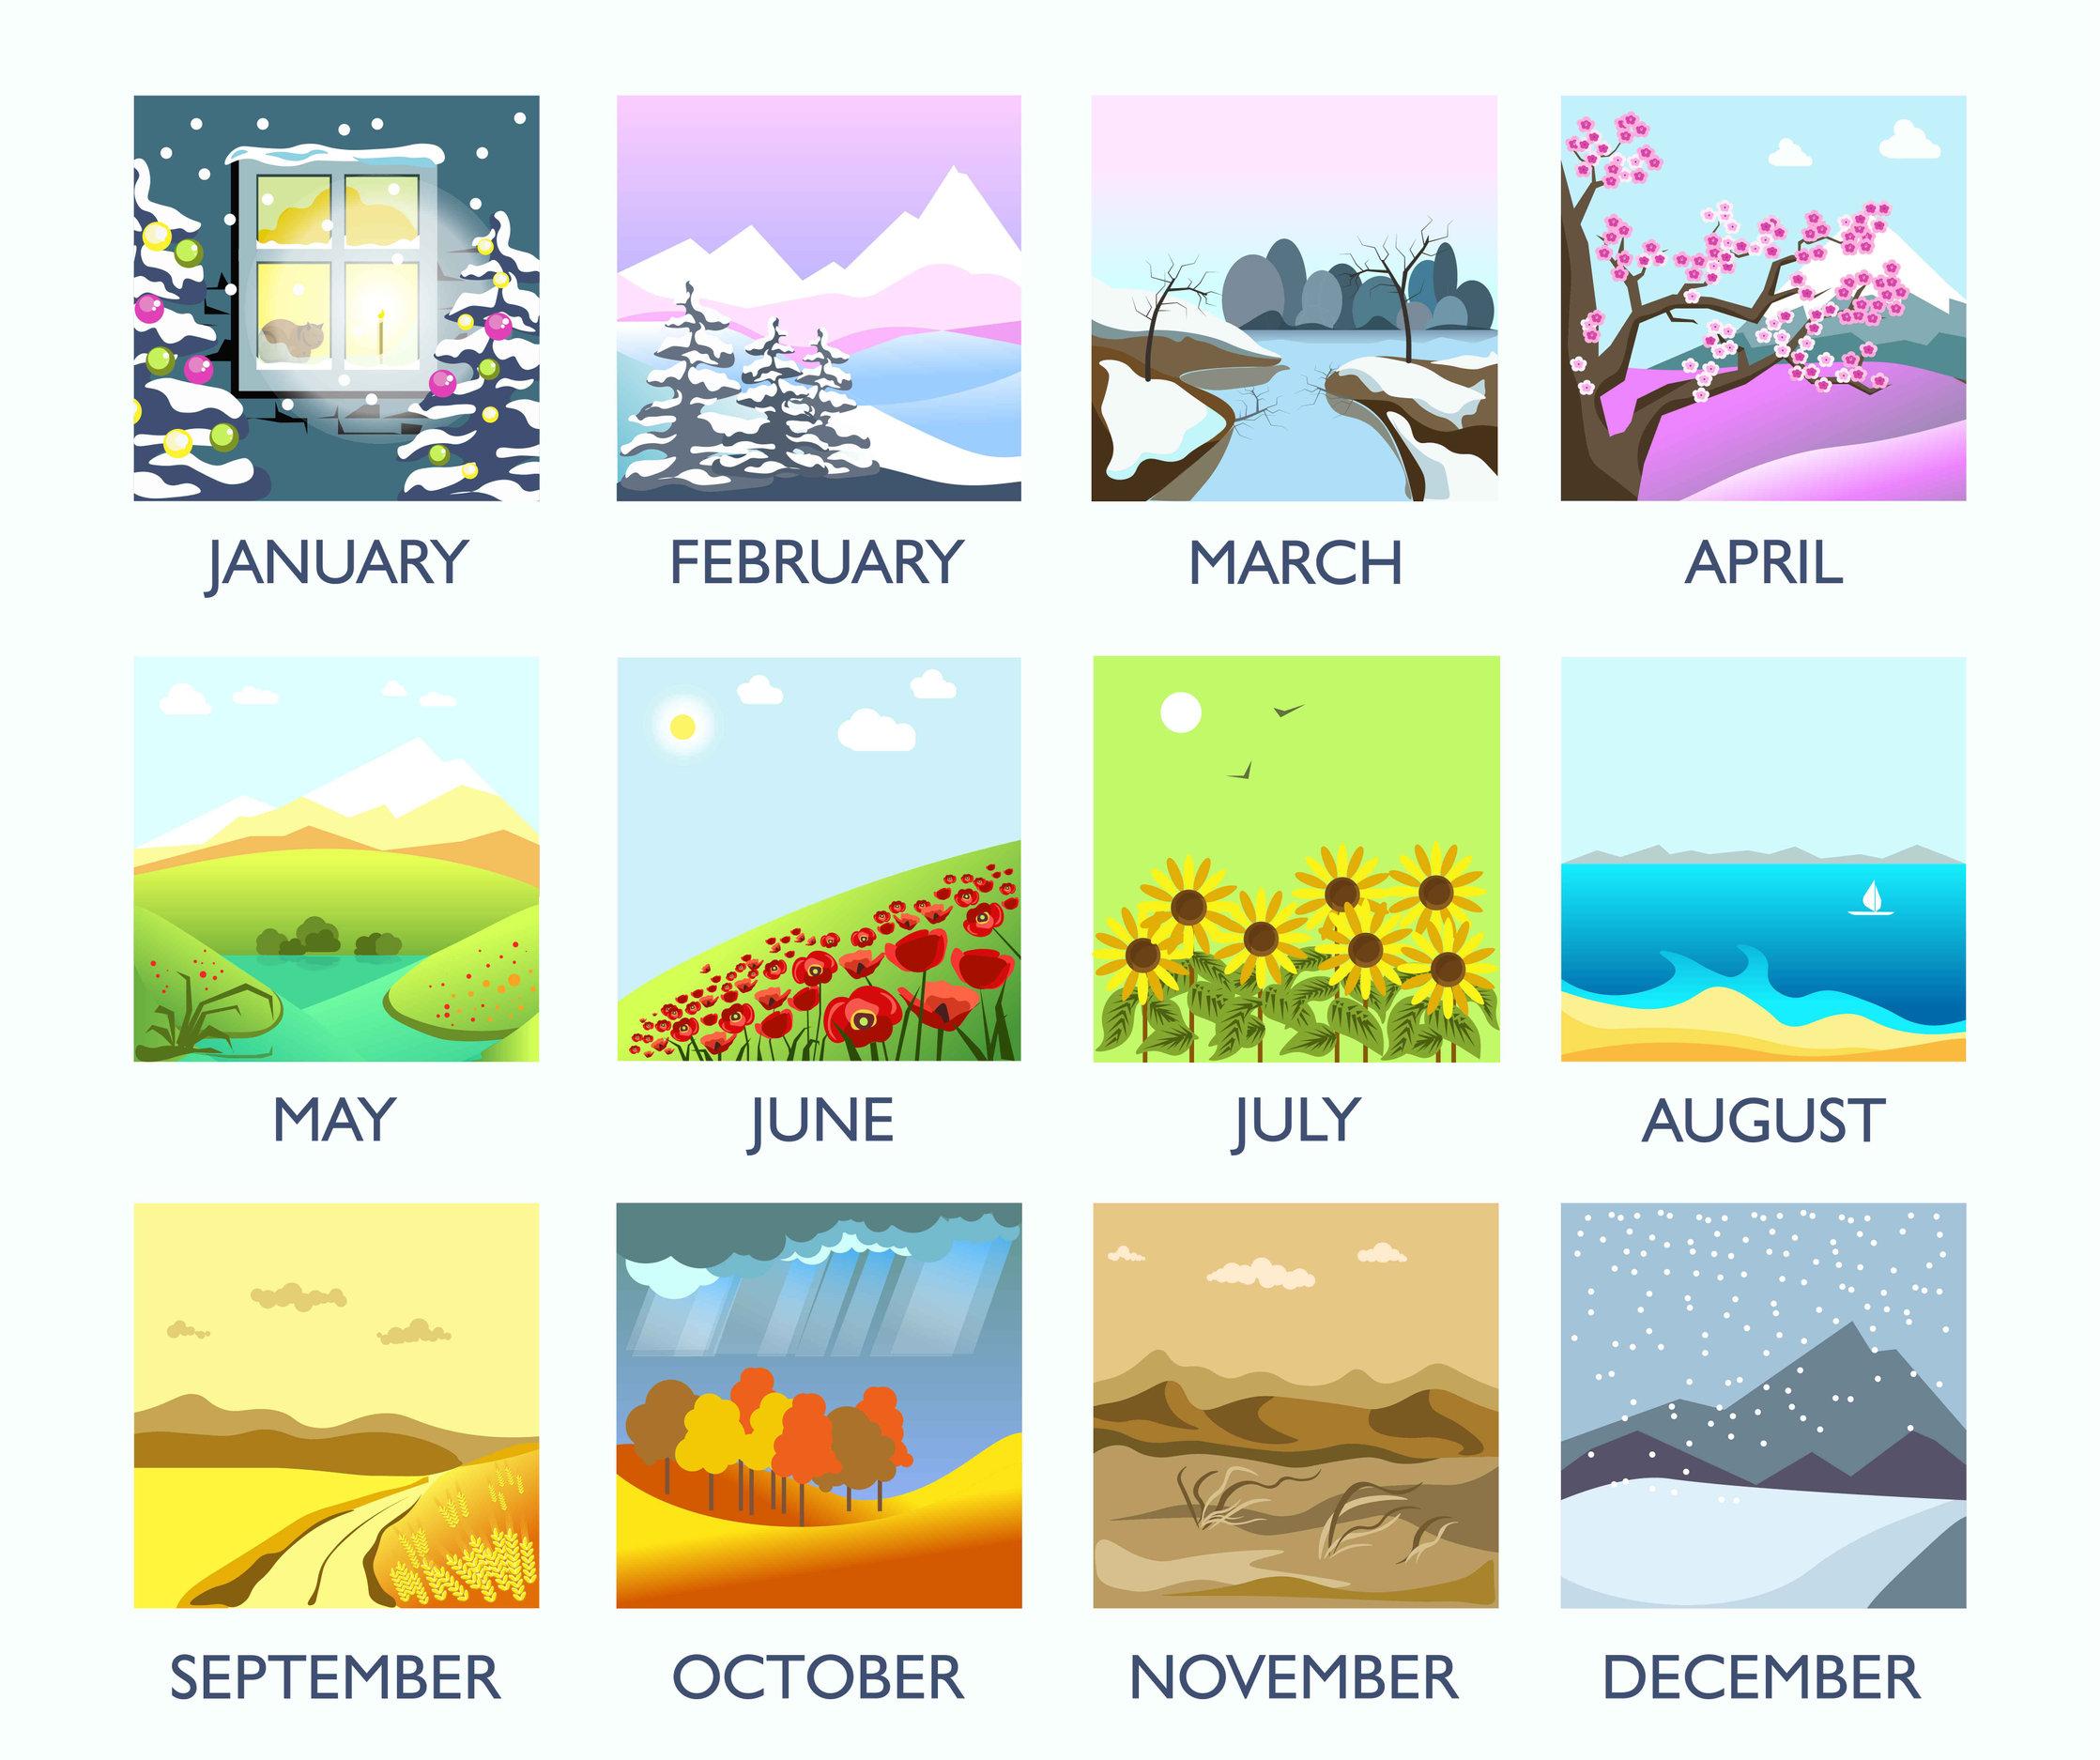 El nombre de los meses y su origen